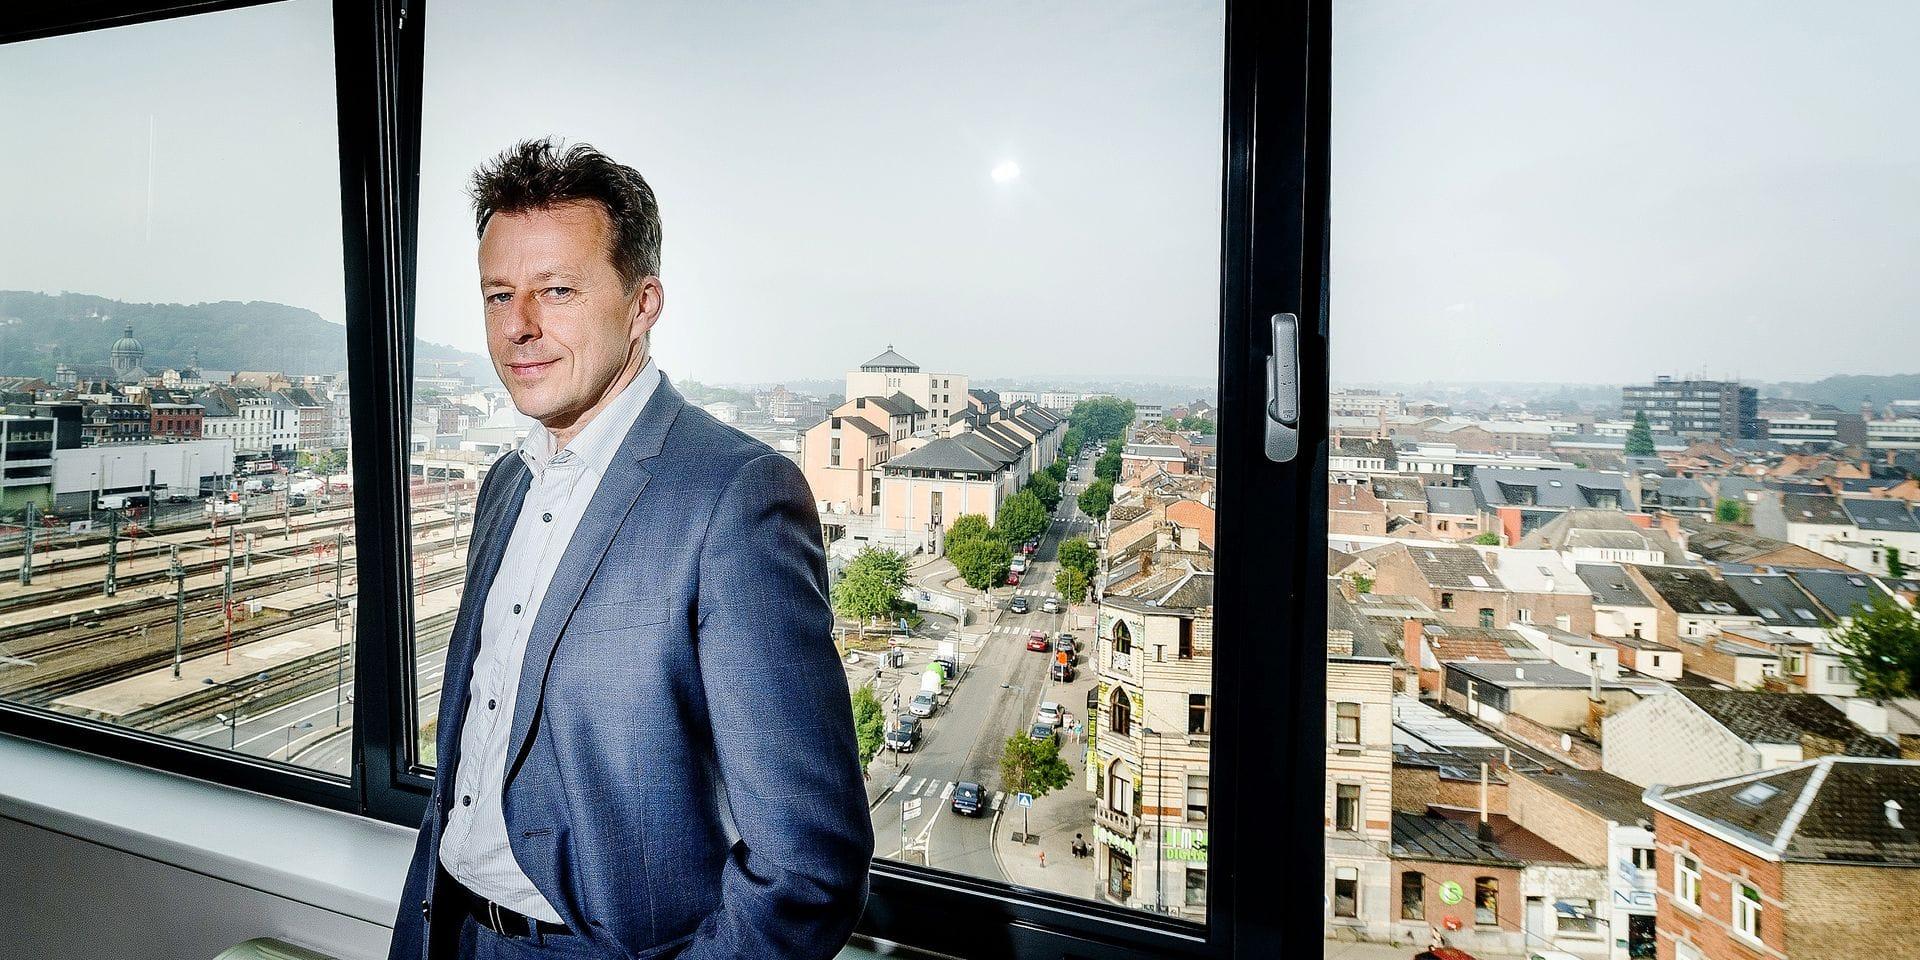 Namur - Chaussee de Louvain: Carlo Di Antonio (CDH) Ministre de l'Environnement, de l'Aménagement du territoire, de la Mobilité et des Transports, des Aéroports et du Bien-être animal